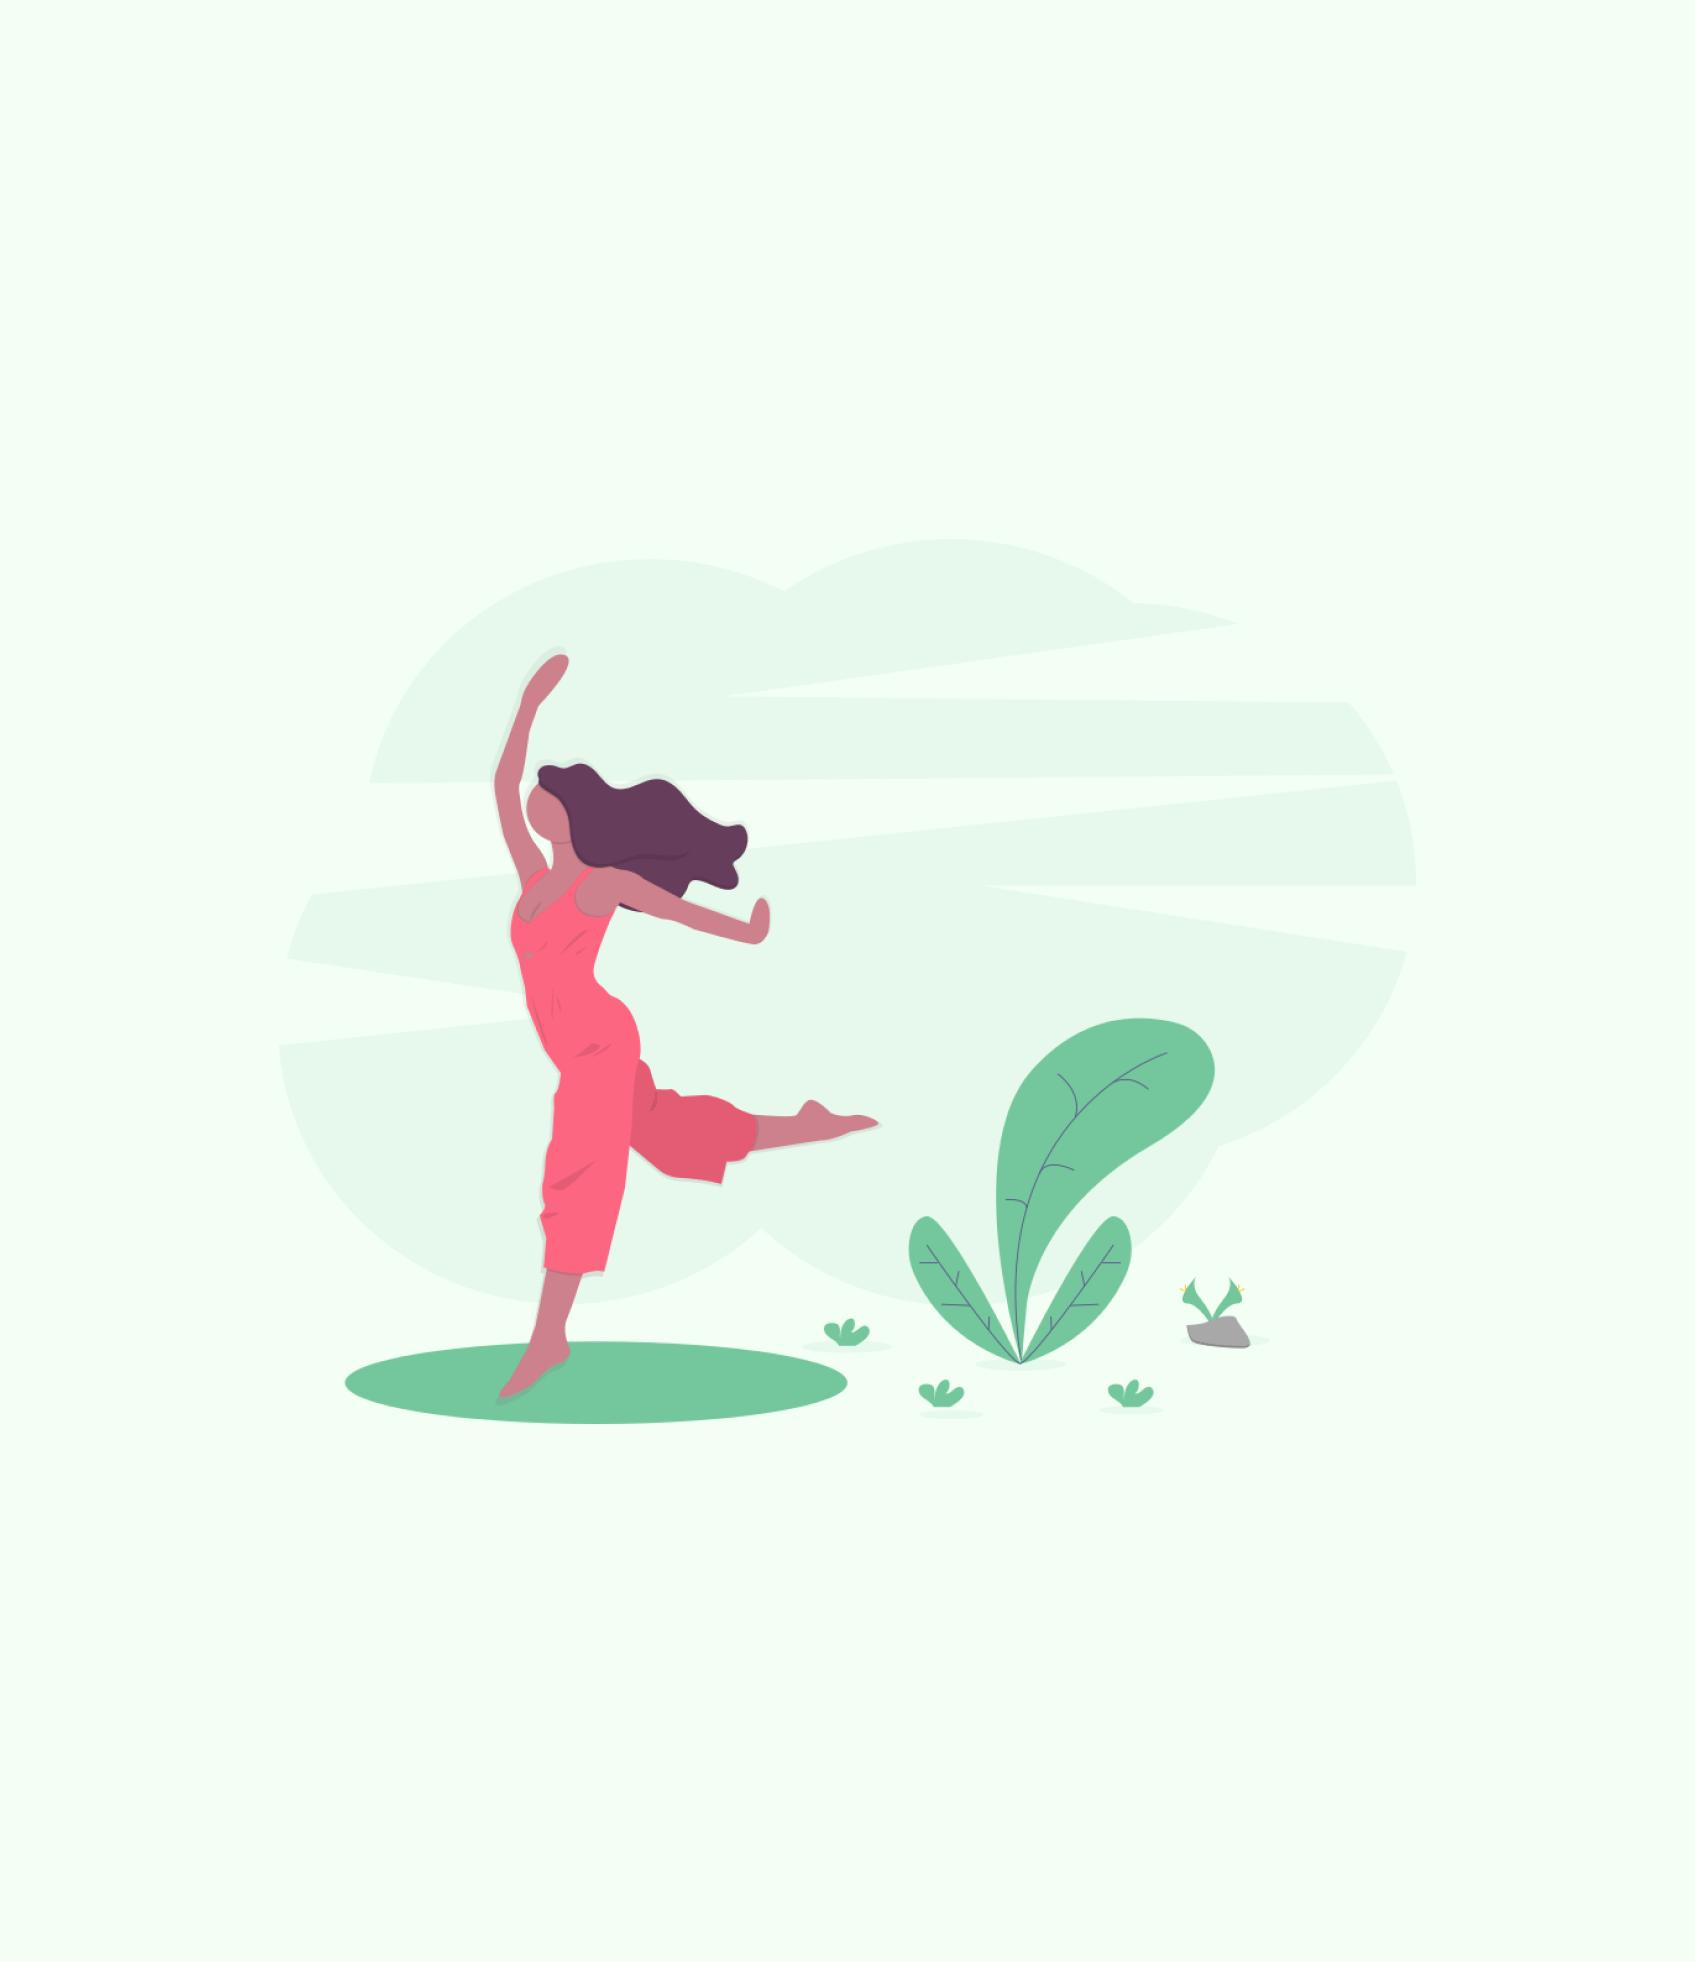 agencja kreatywna vbracja branding strony internetowe logo aplikacje materiały marketingowe projektowanie graficzne grafik wrocław zdroowko UX UI projekt aplikacji fitness healthy slow life vegan